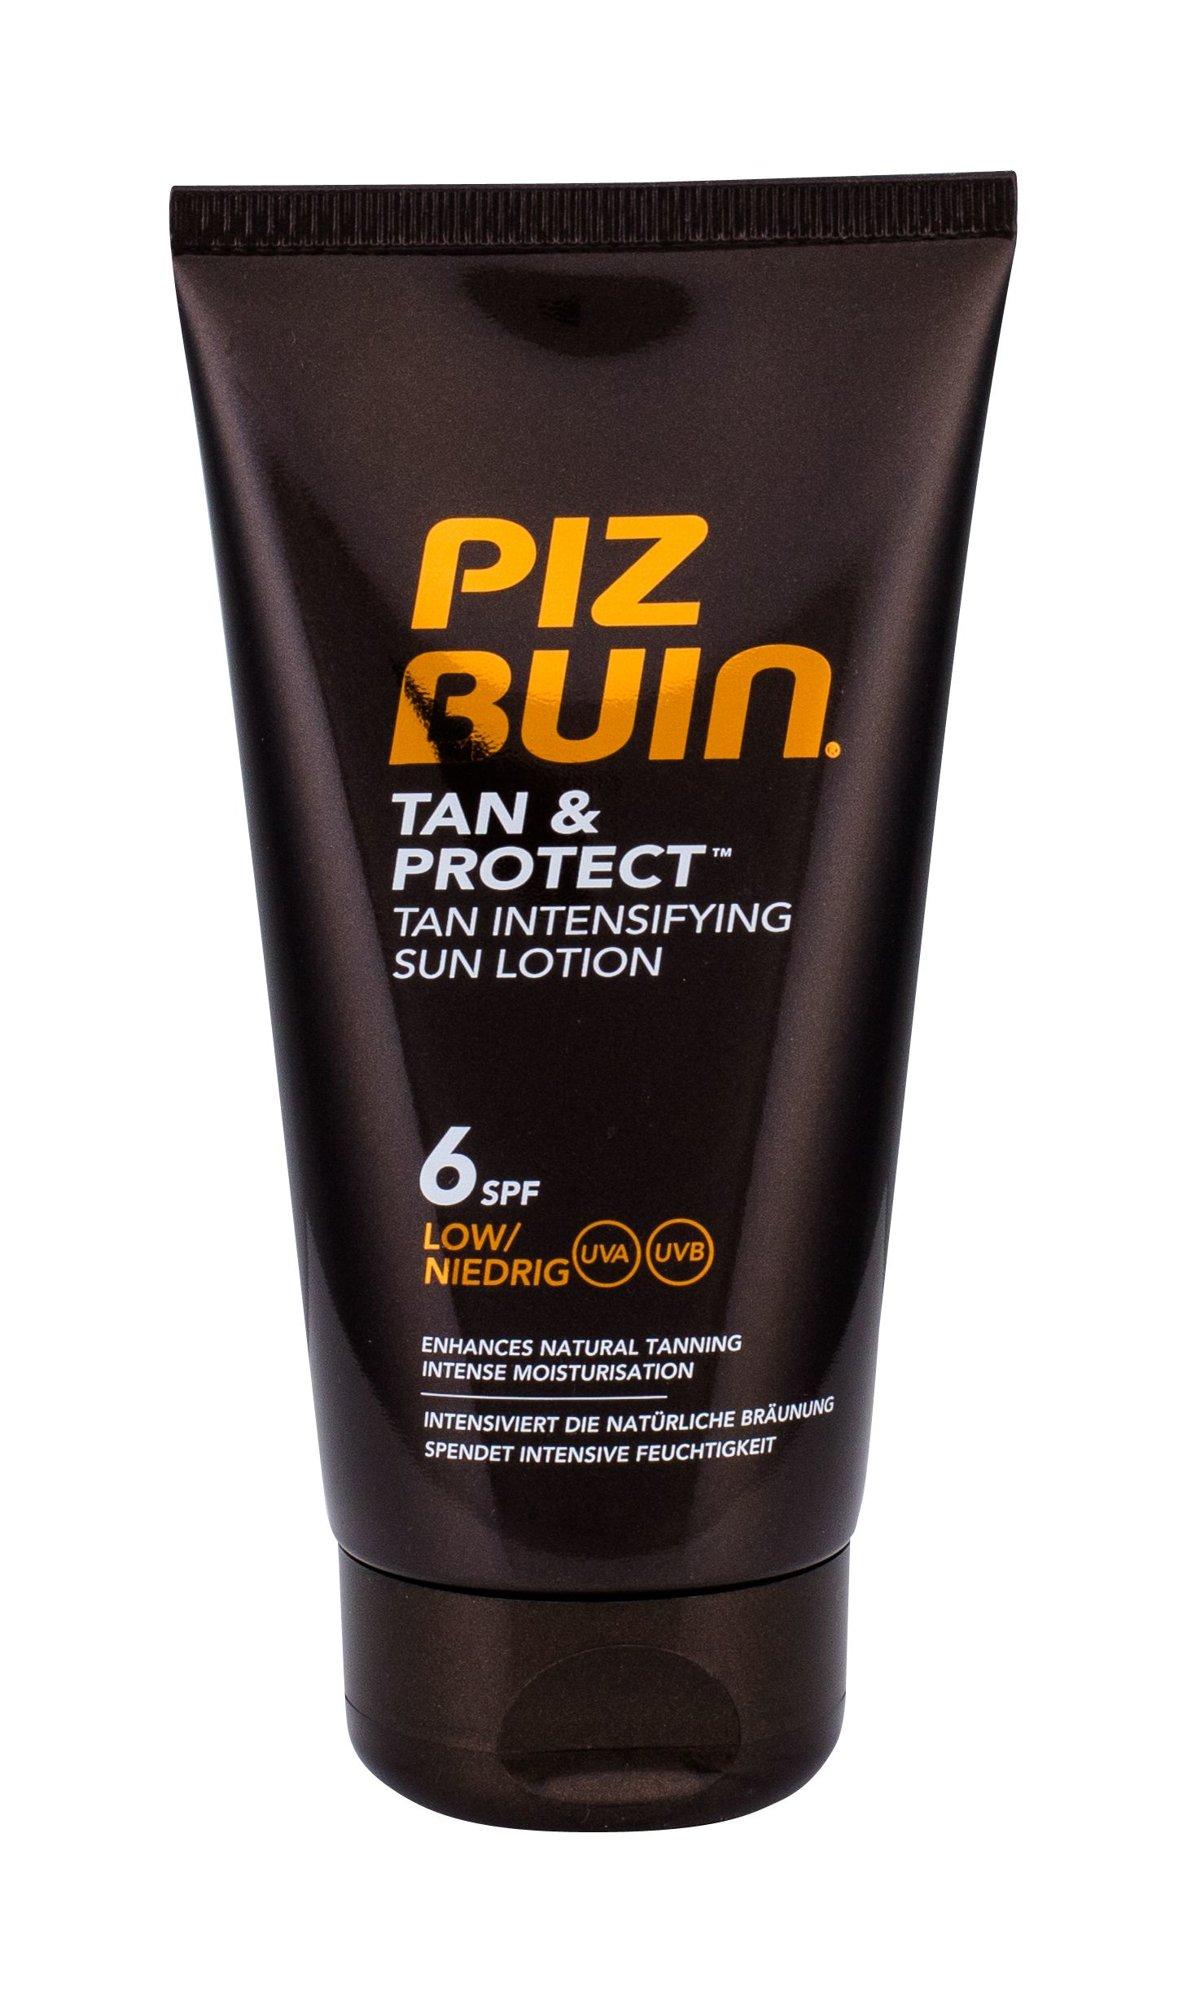 Apsaugai nuo saulės Piz Buin Tan & Protect Tan Intensifying Sun Lotion SPF6